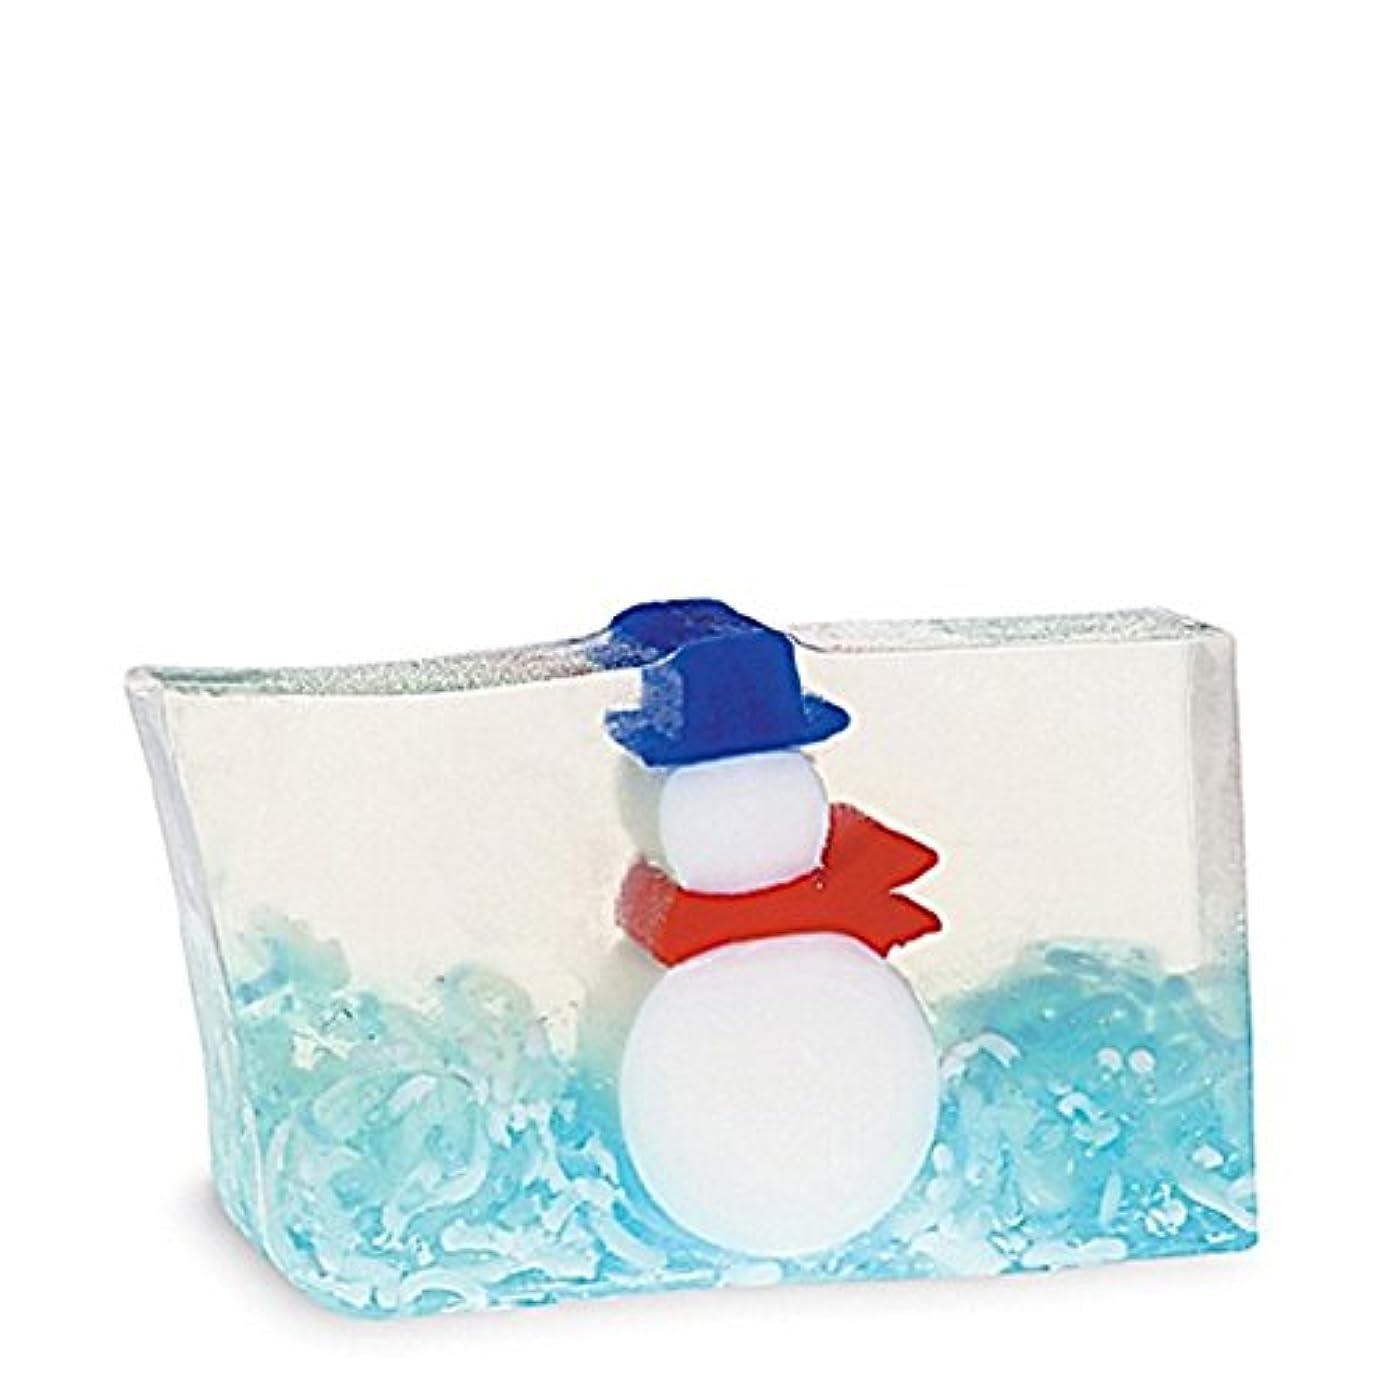 戸口傾向があるホール原初の要素雪だるま石鹸170グラム x2 - Primal Elements Snowman Soap 170g (Pack of 2) [並行輸入品]